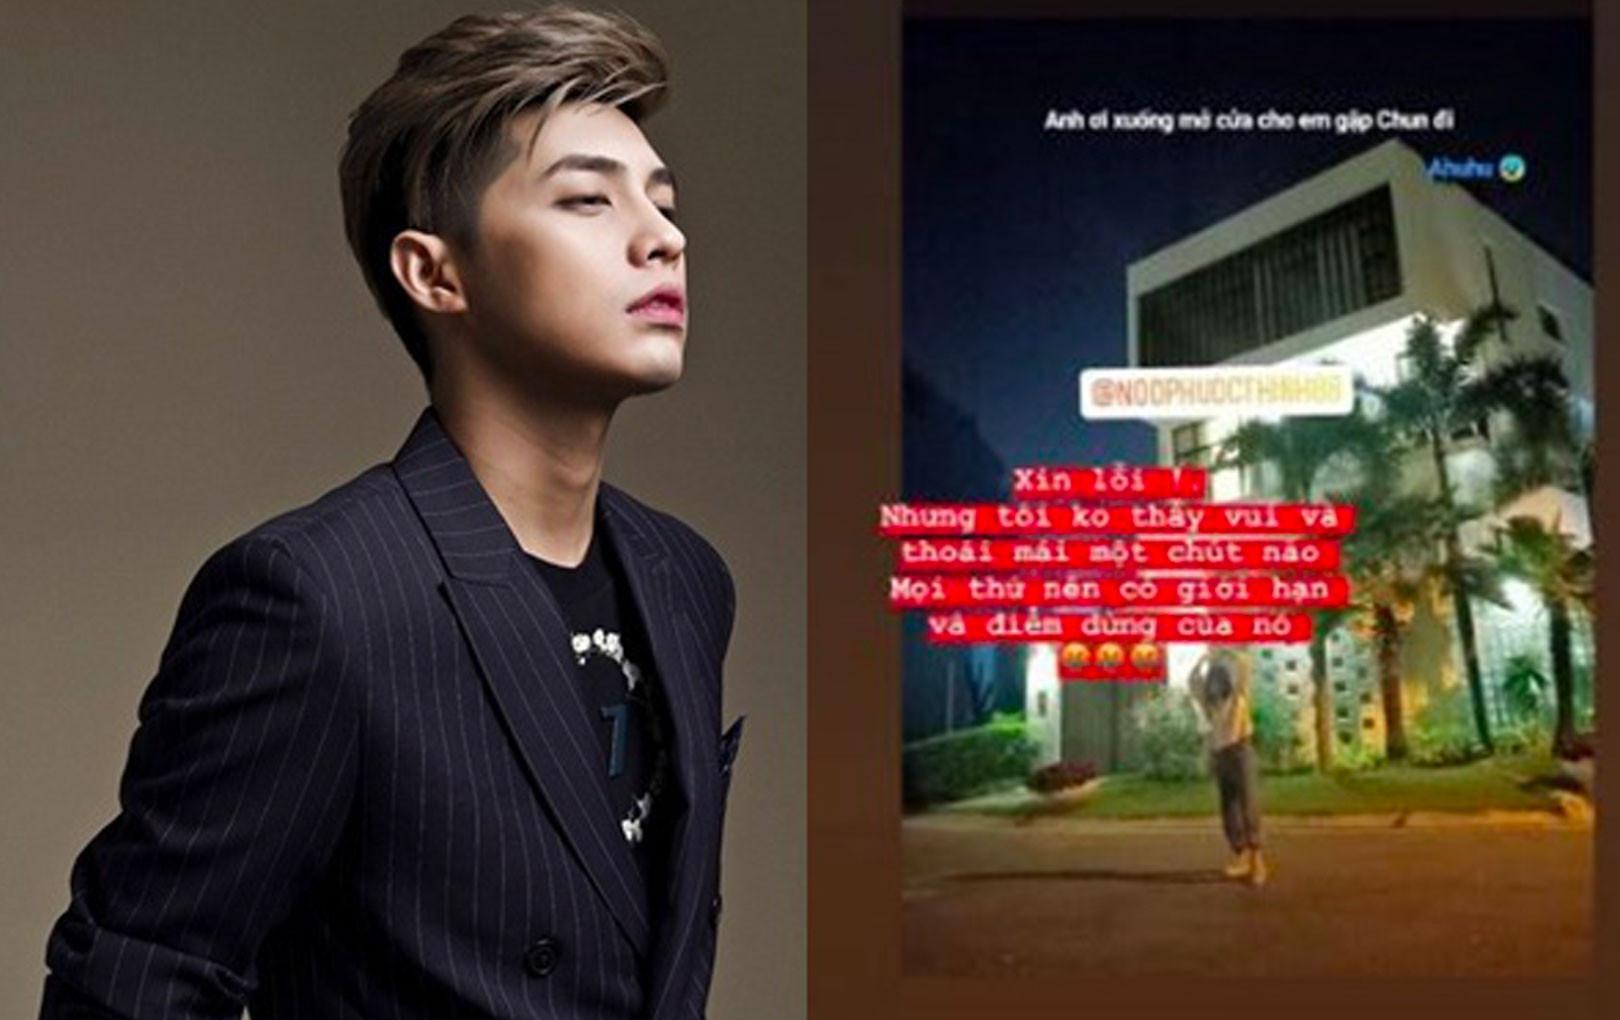 Noo Phước Thịnh tức giận vì fan nữ mò tới tận cửa vào nửa đêm